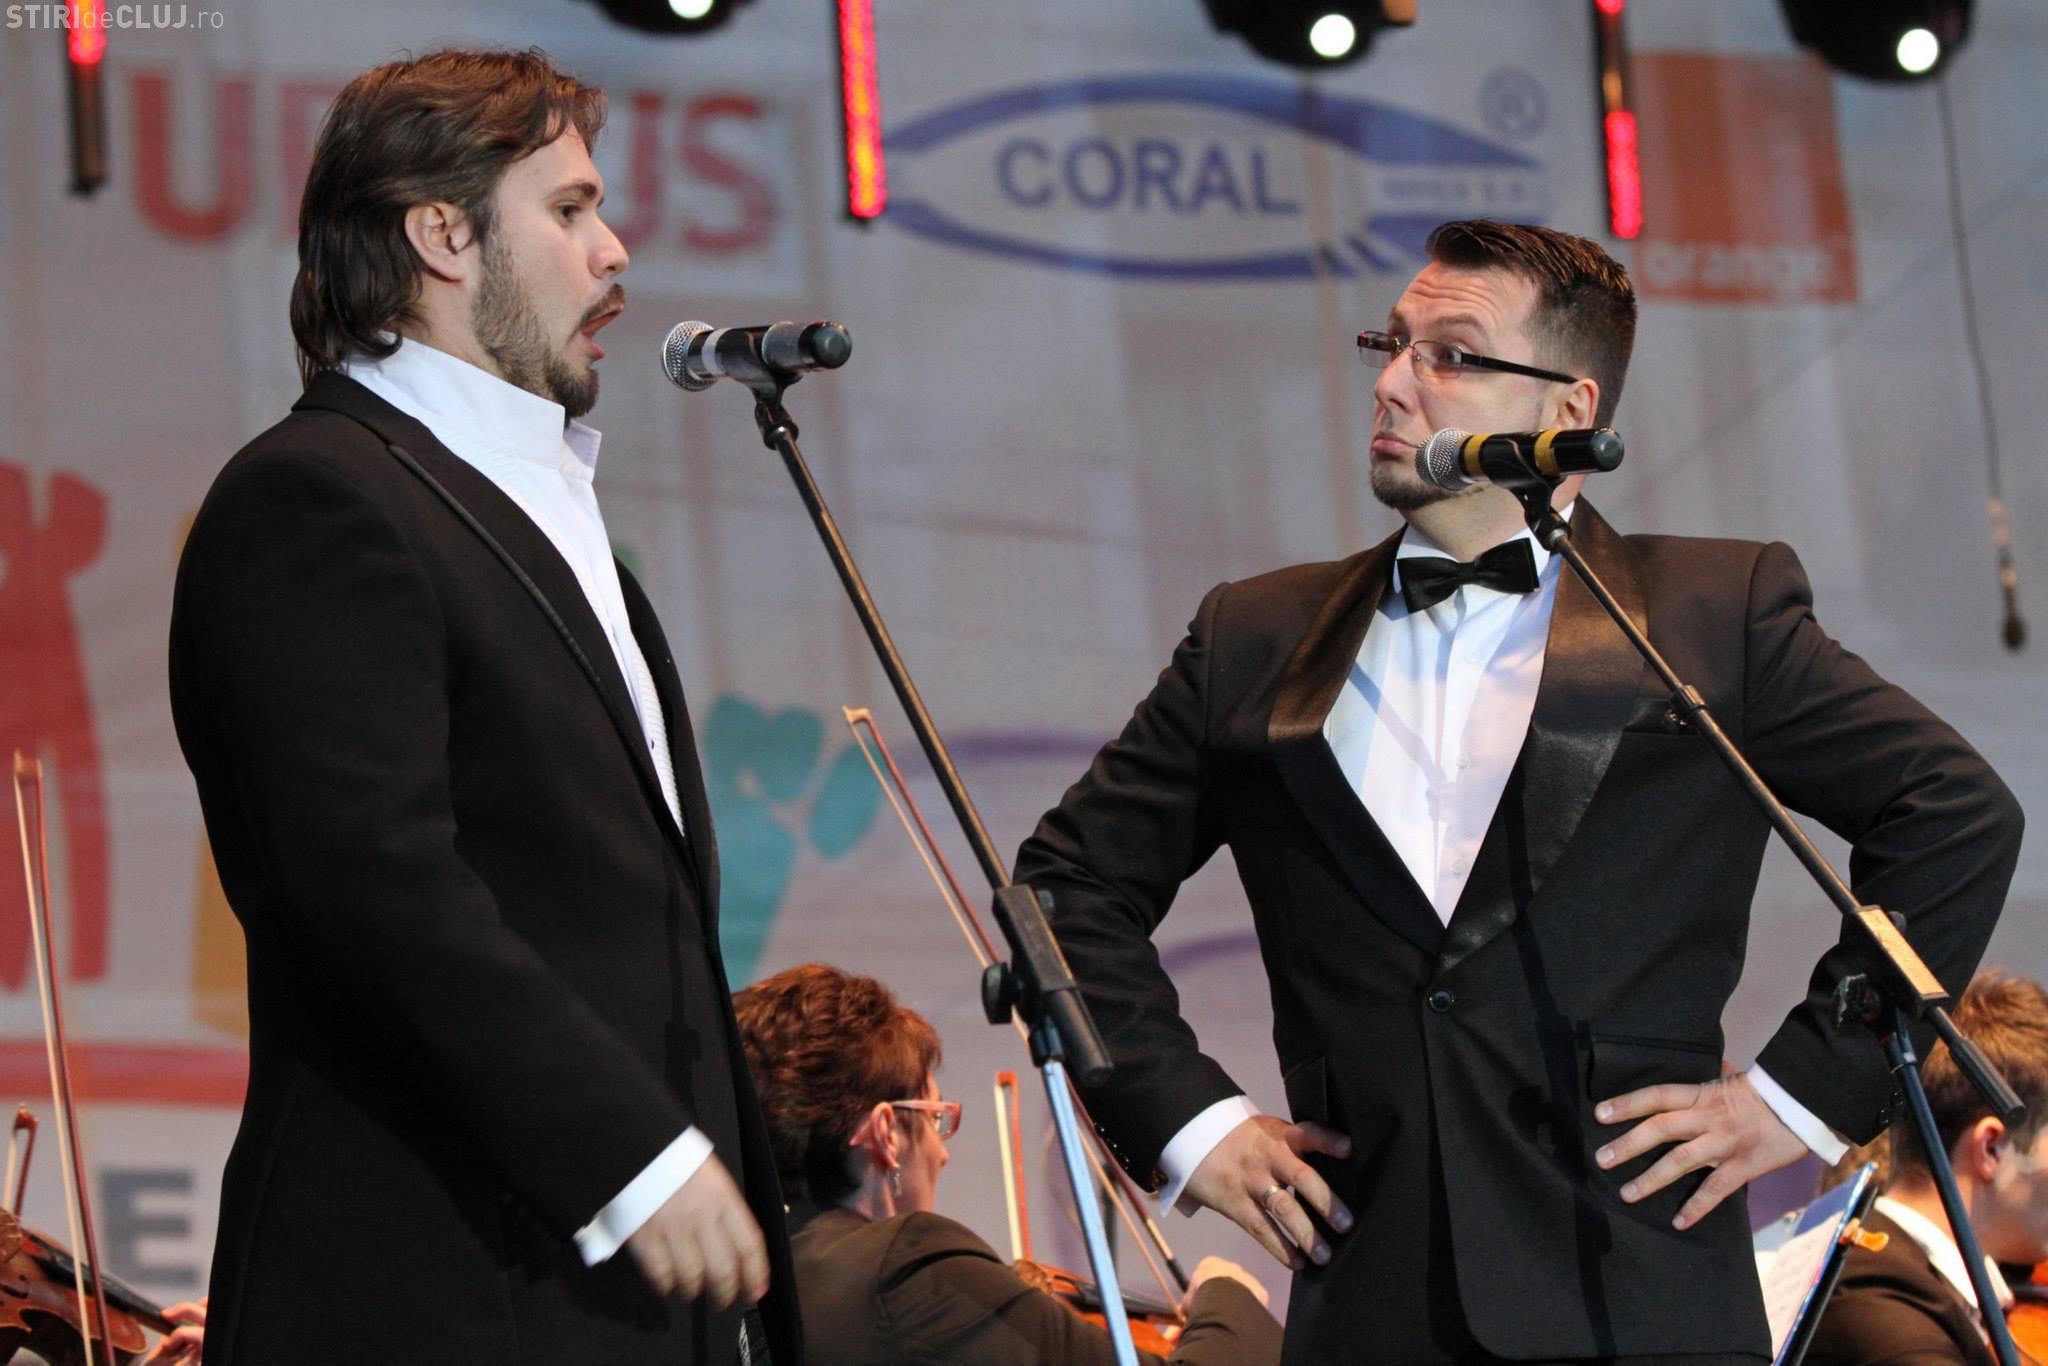 ZILELE CLUJULUI 2013: Operetă și spectacol al Filarmonicii Transilvania, în Piața Unirii, duminică seara - FOTO